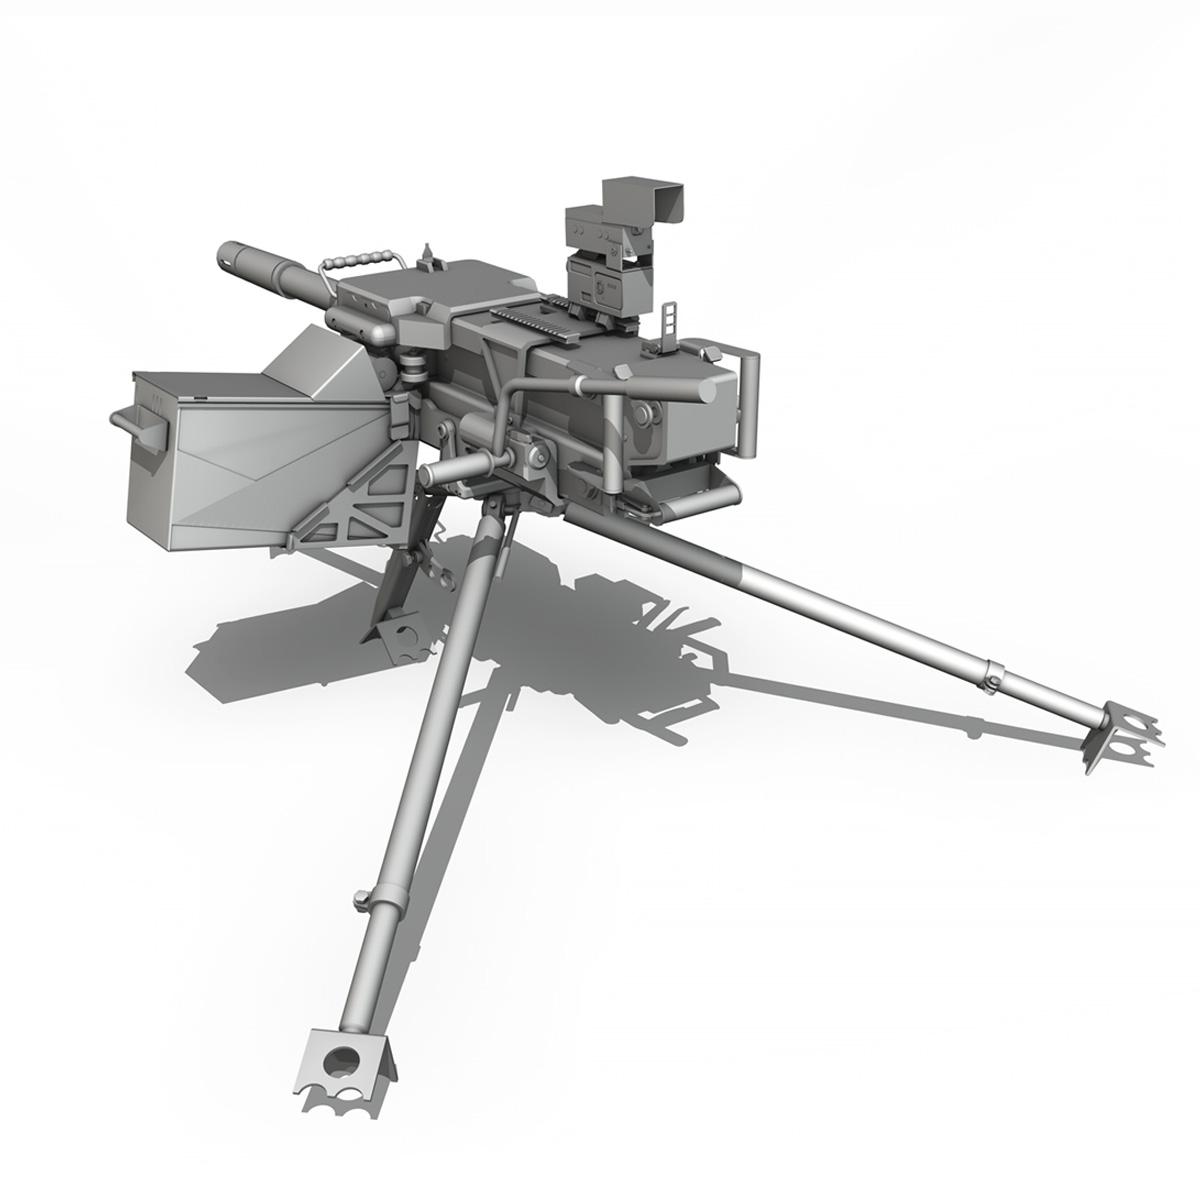 40mm Гранат машин буу gmg 3d загвар c4d lwo 3dm obj 264299